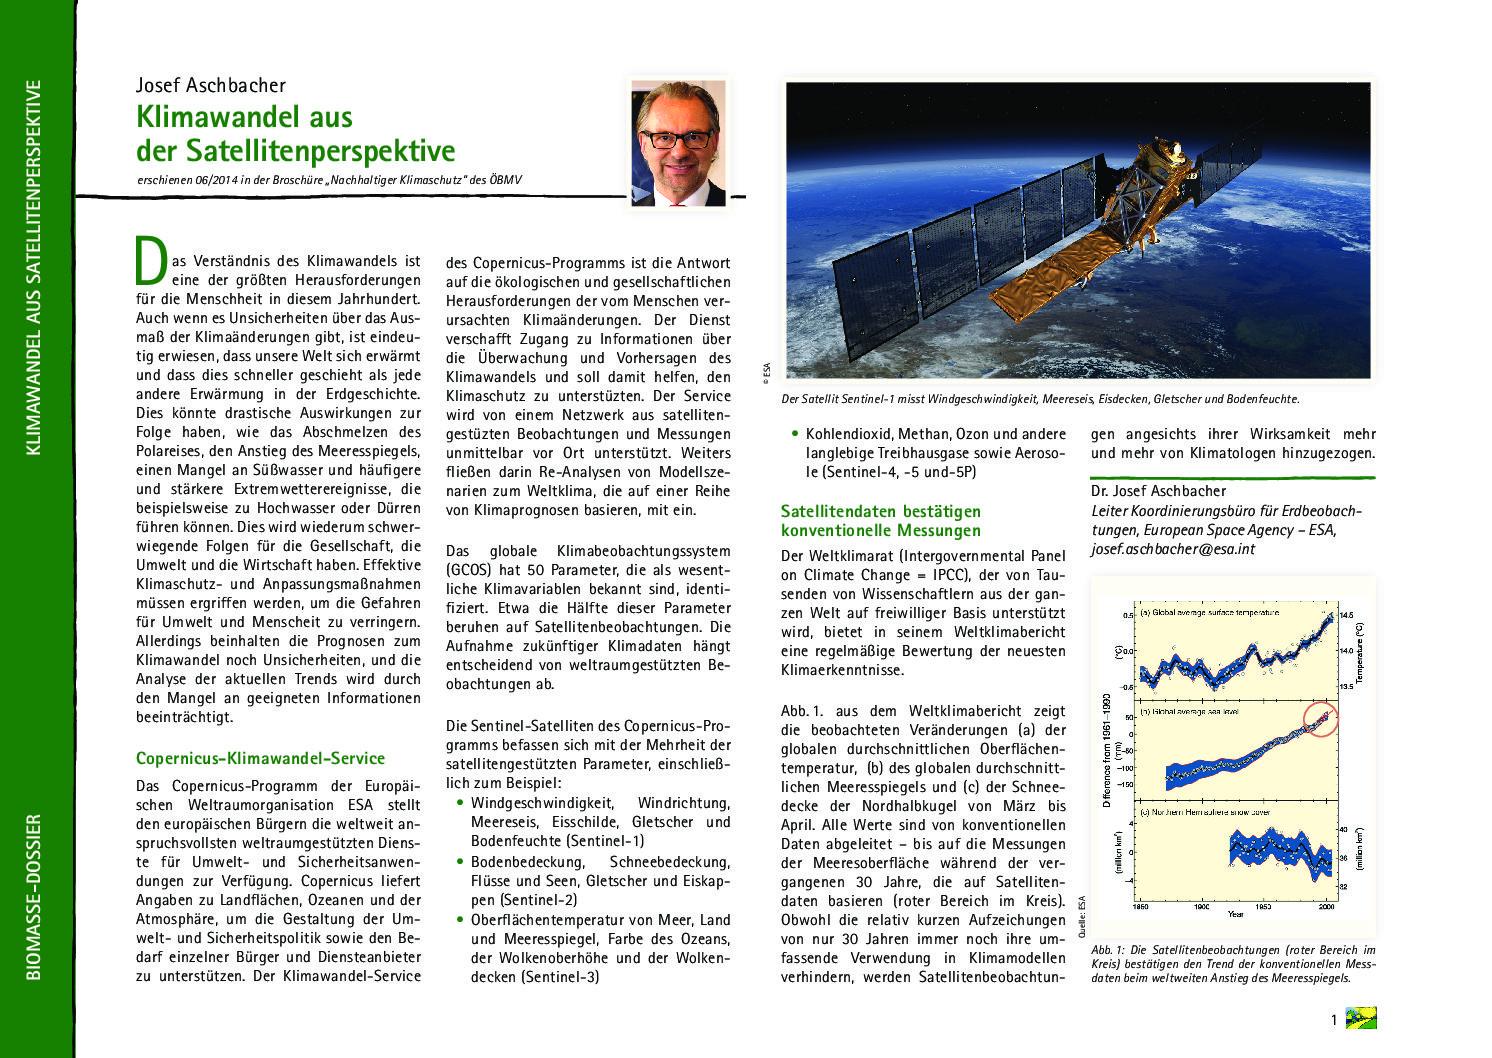 Klimawandel aus der Satellitenperspektive